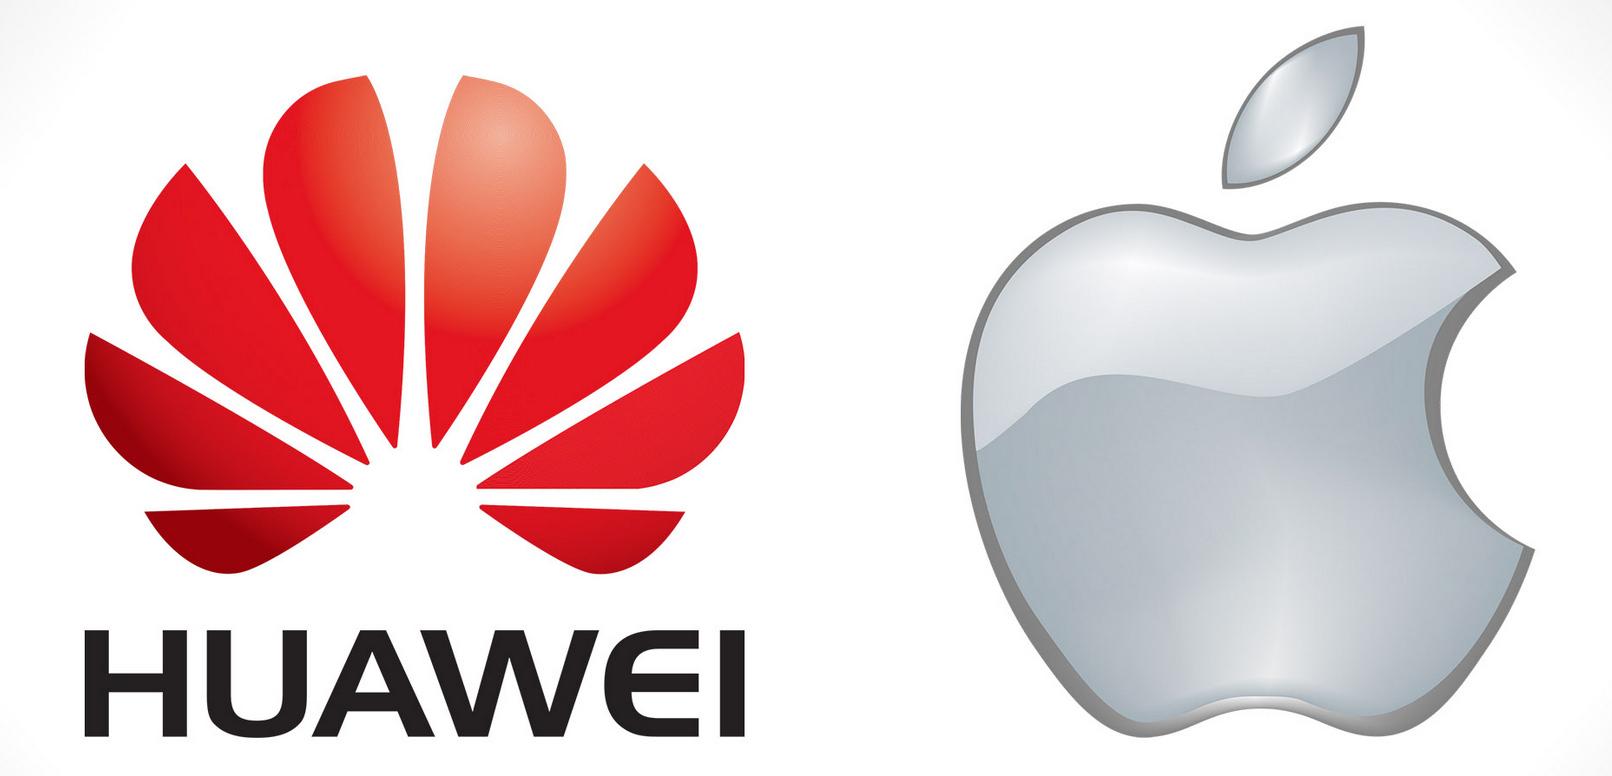 Az Apple kicsit növekedett, a Huawei hatalmasat zuhant